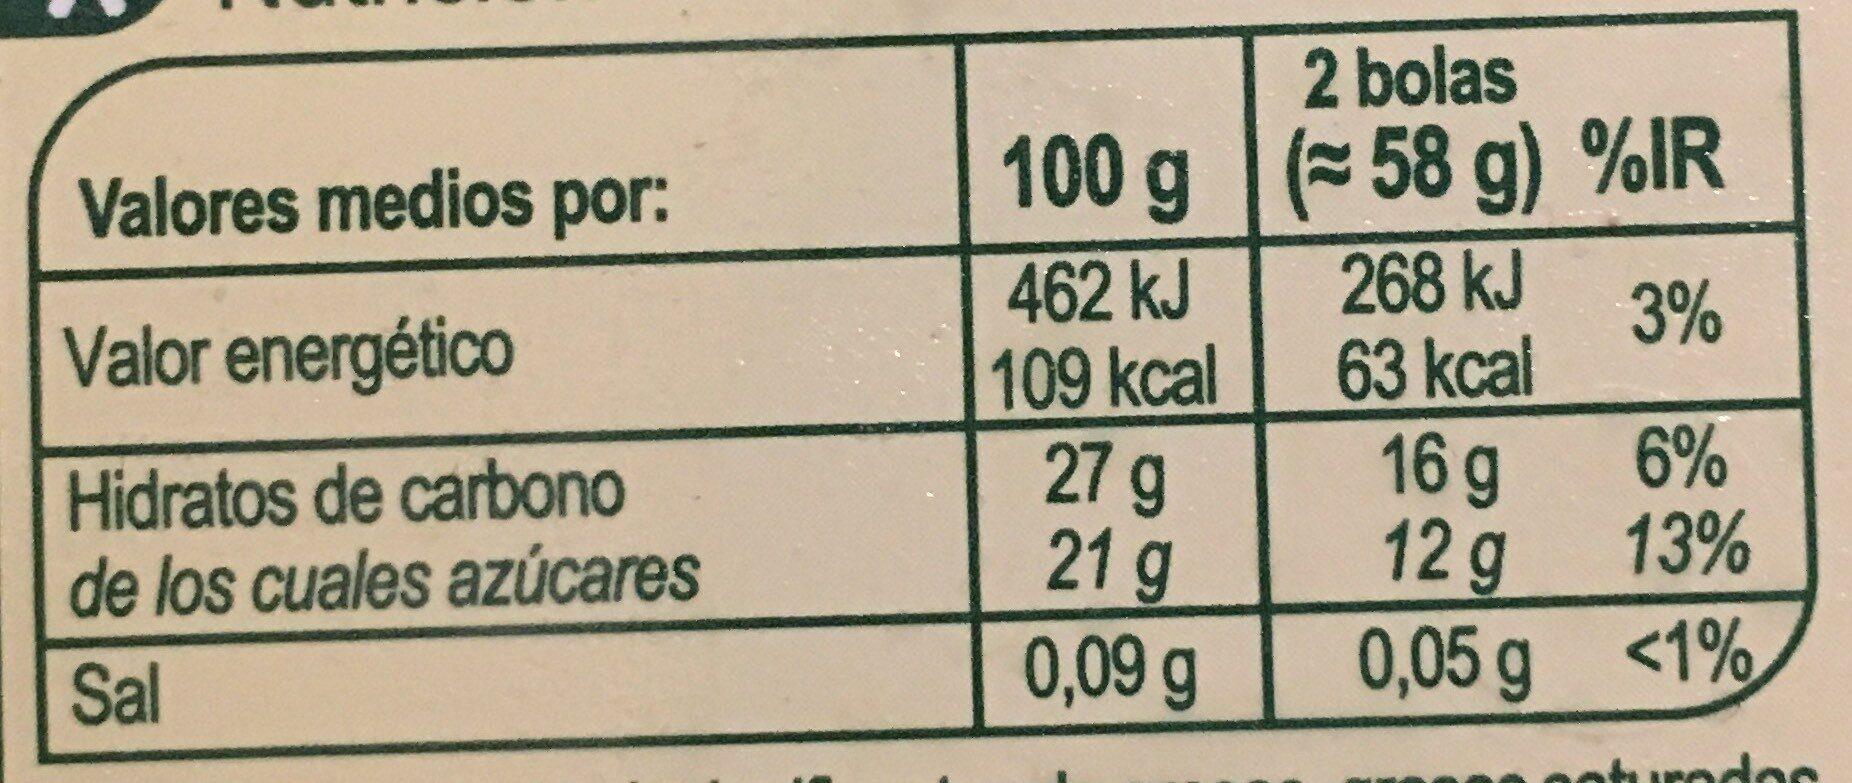 Sorbete Limón - Información nutricional